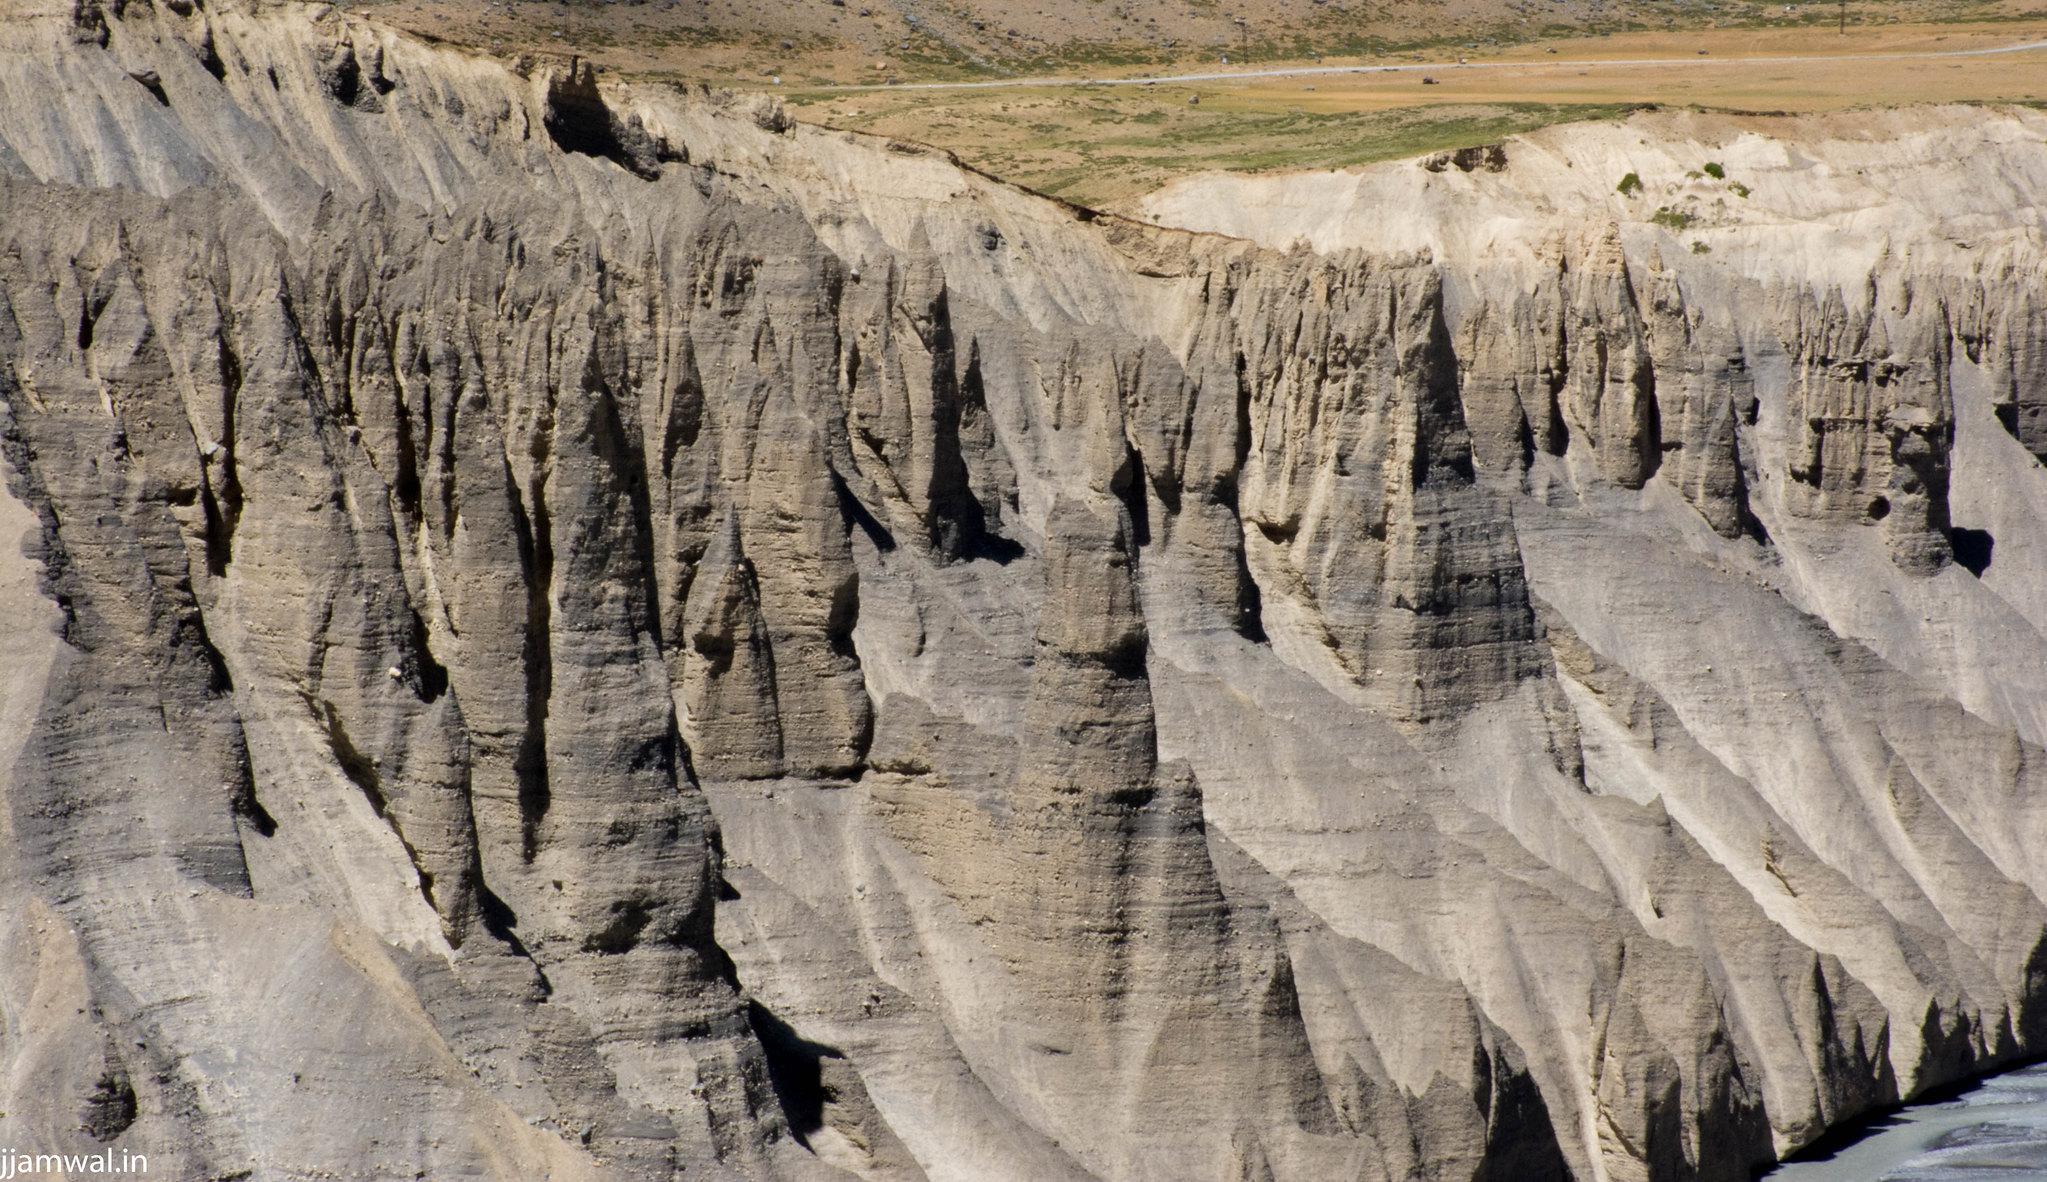 Eroded mountains forming razor sharp pillars